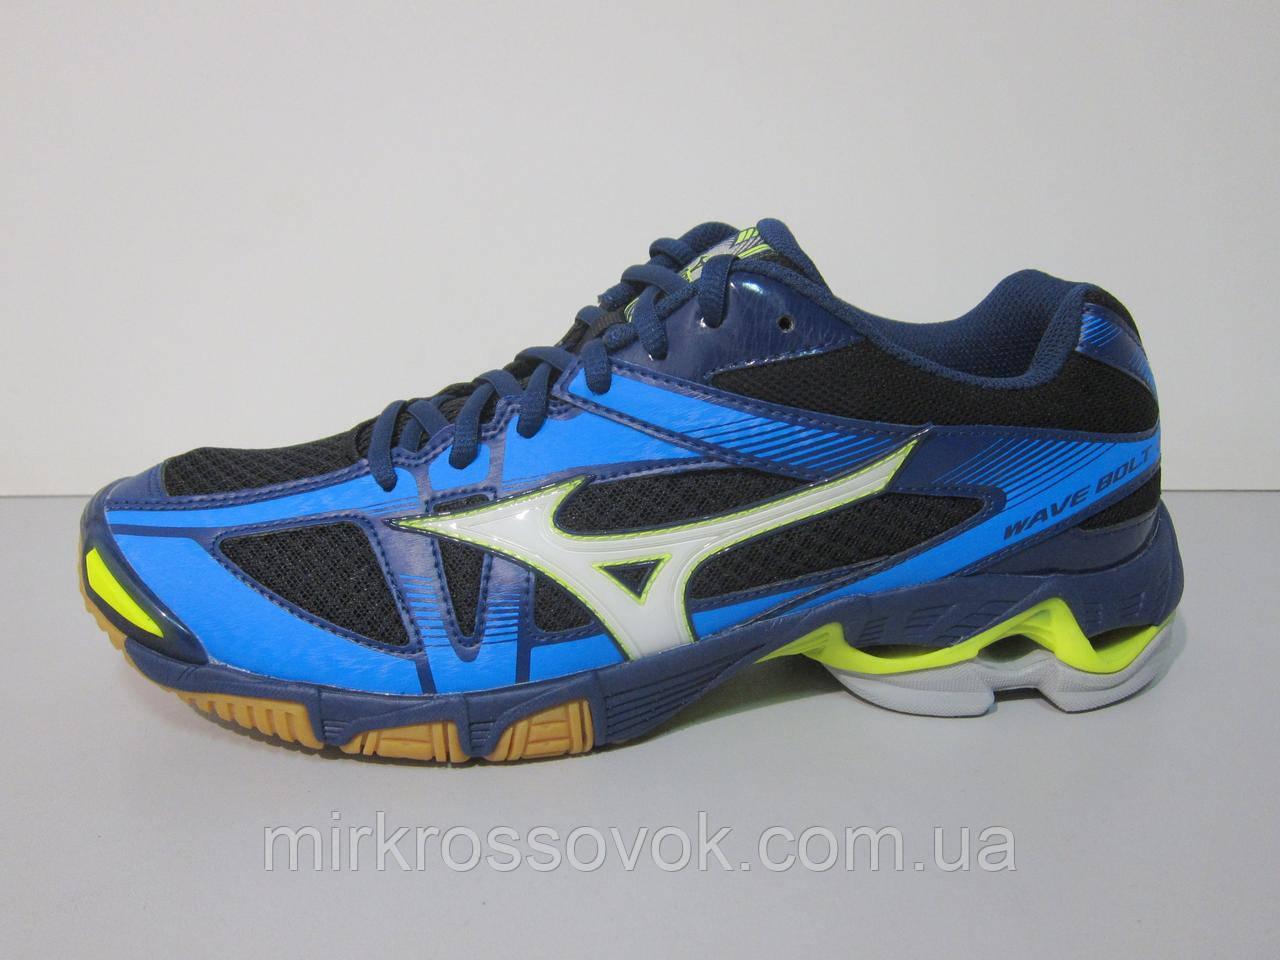 Мужские волейбольные кроссовки Mizuno Wave Bolt 6 Mid (V1GA176071)  (оригинал) 8a12f4e76b9